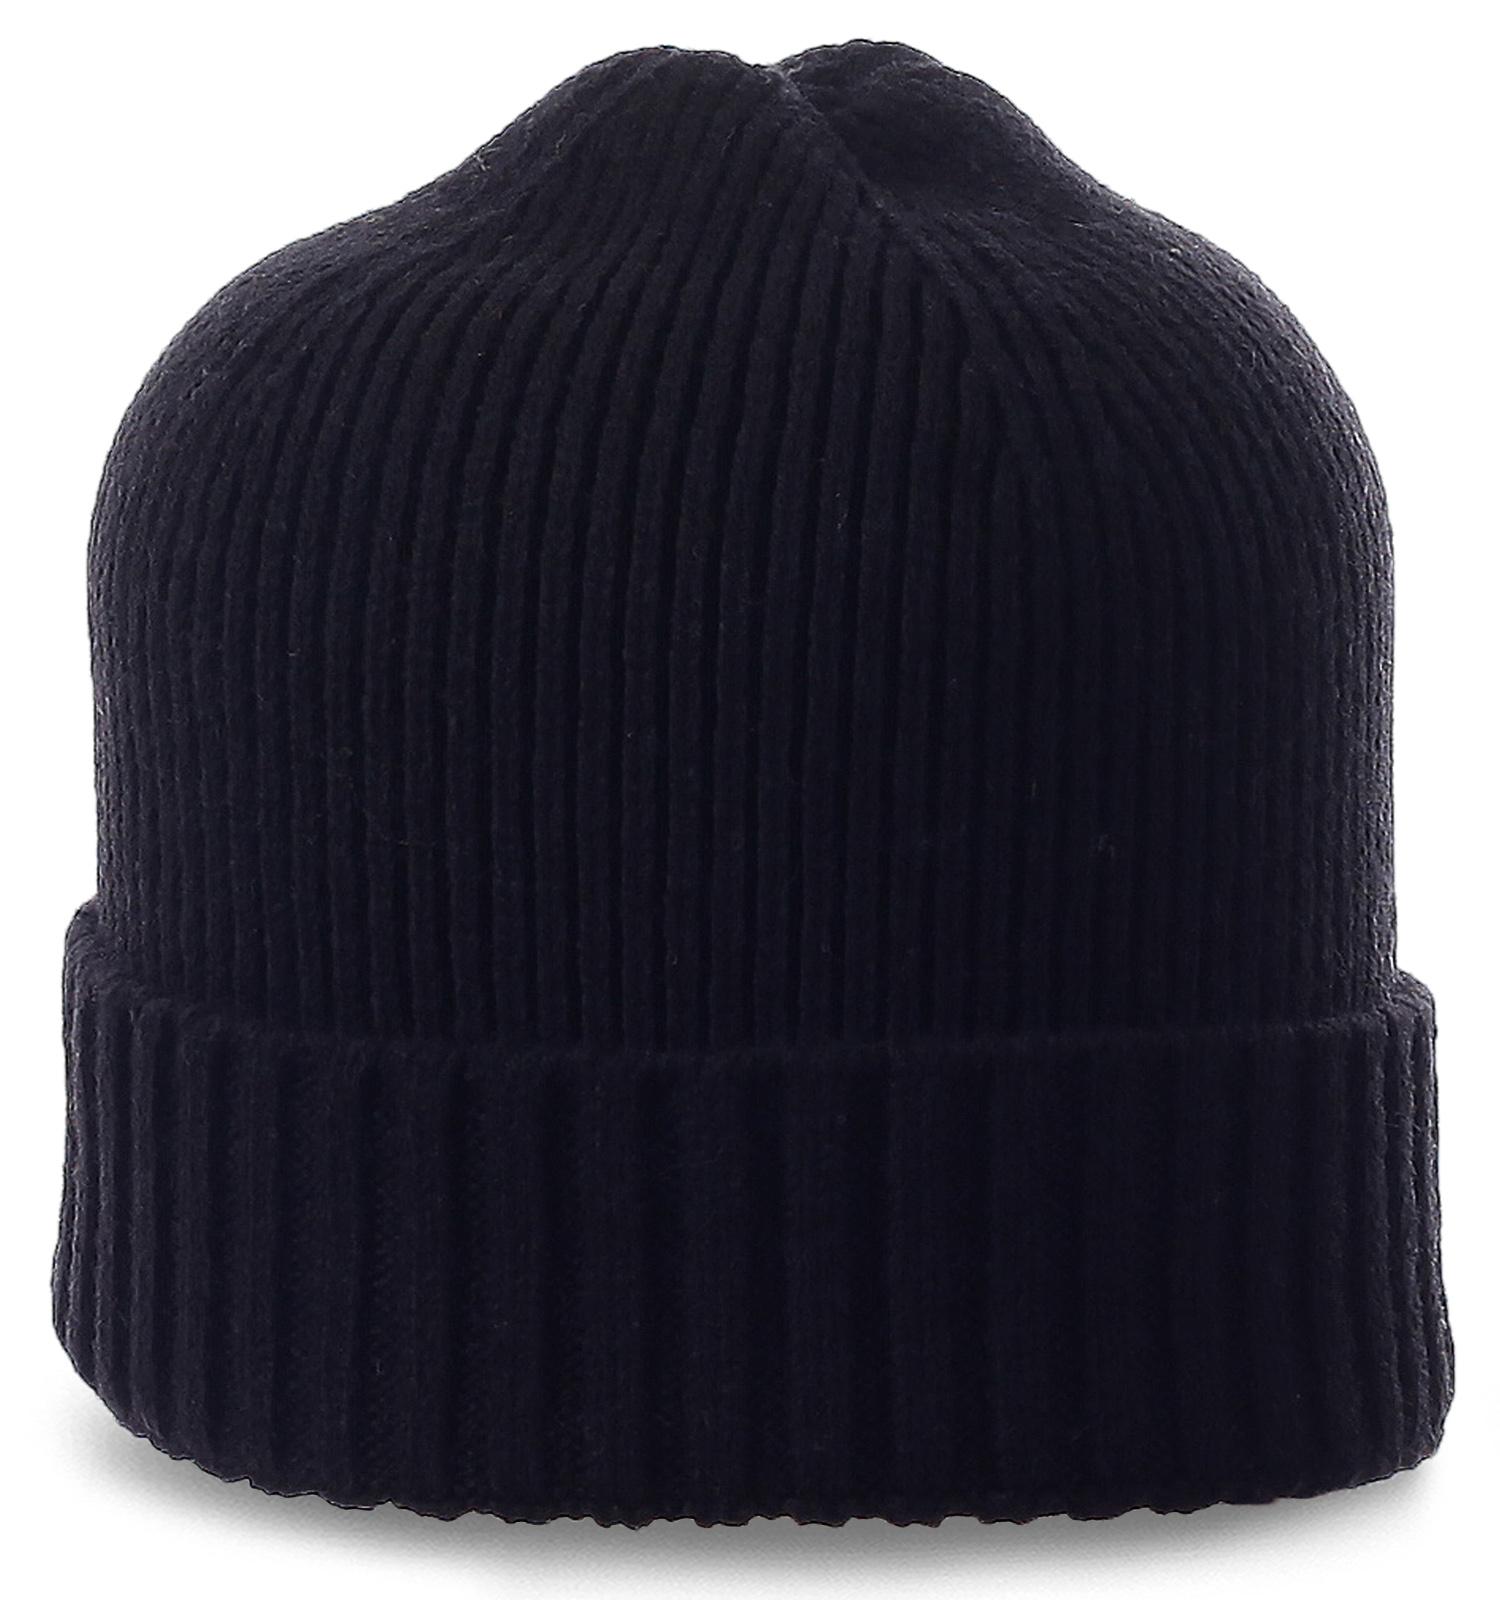 Лаконичная мужская шапка черного цвета. Универсальная модель на все случаи жизни